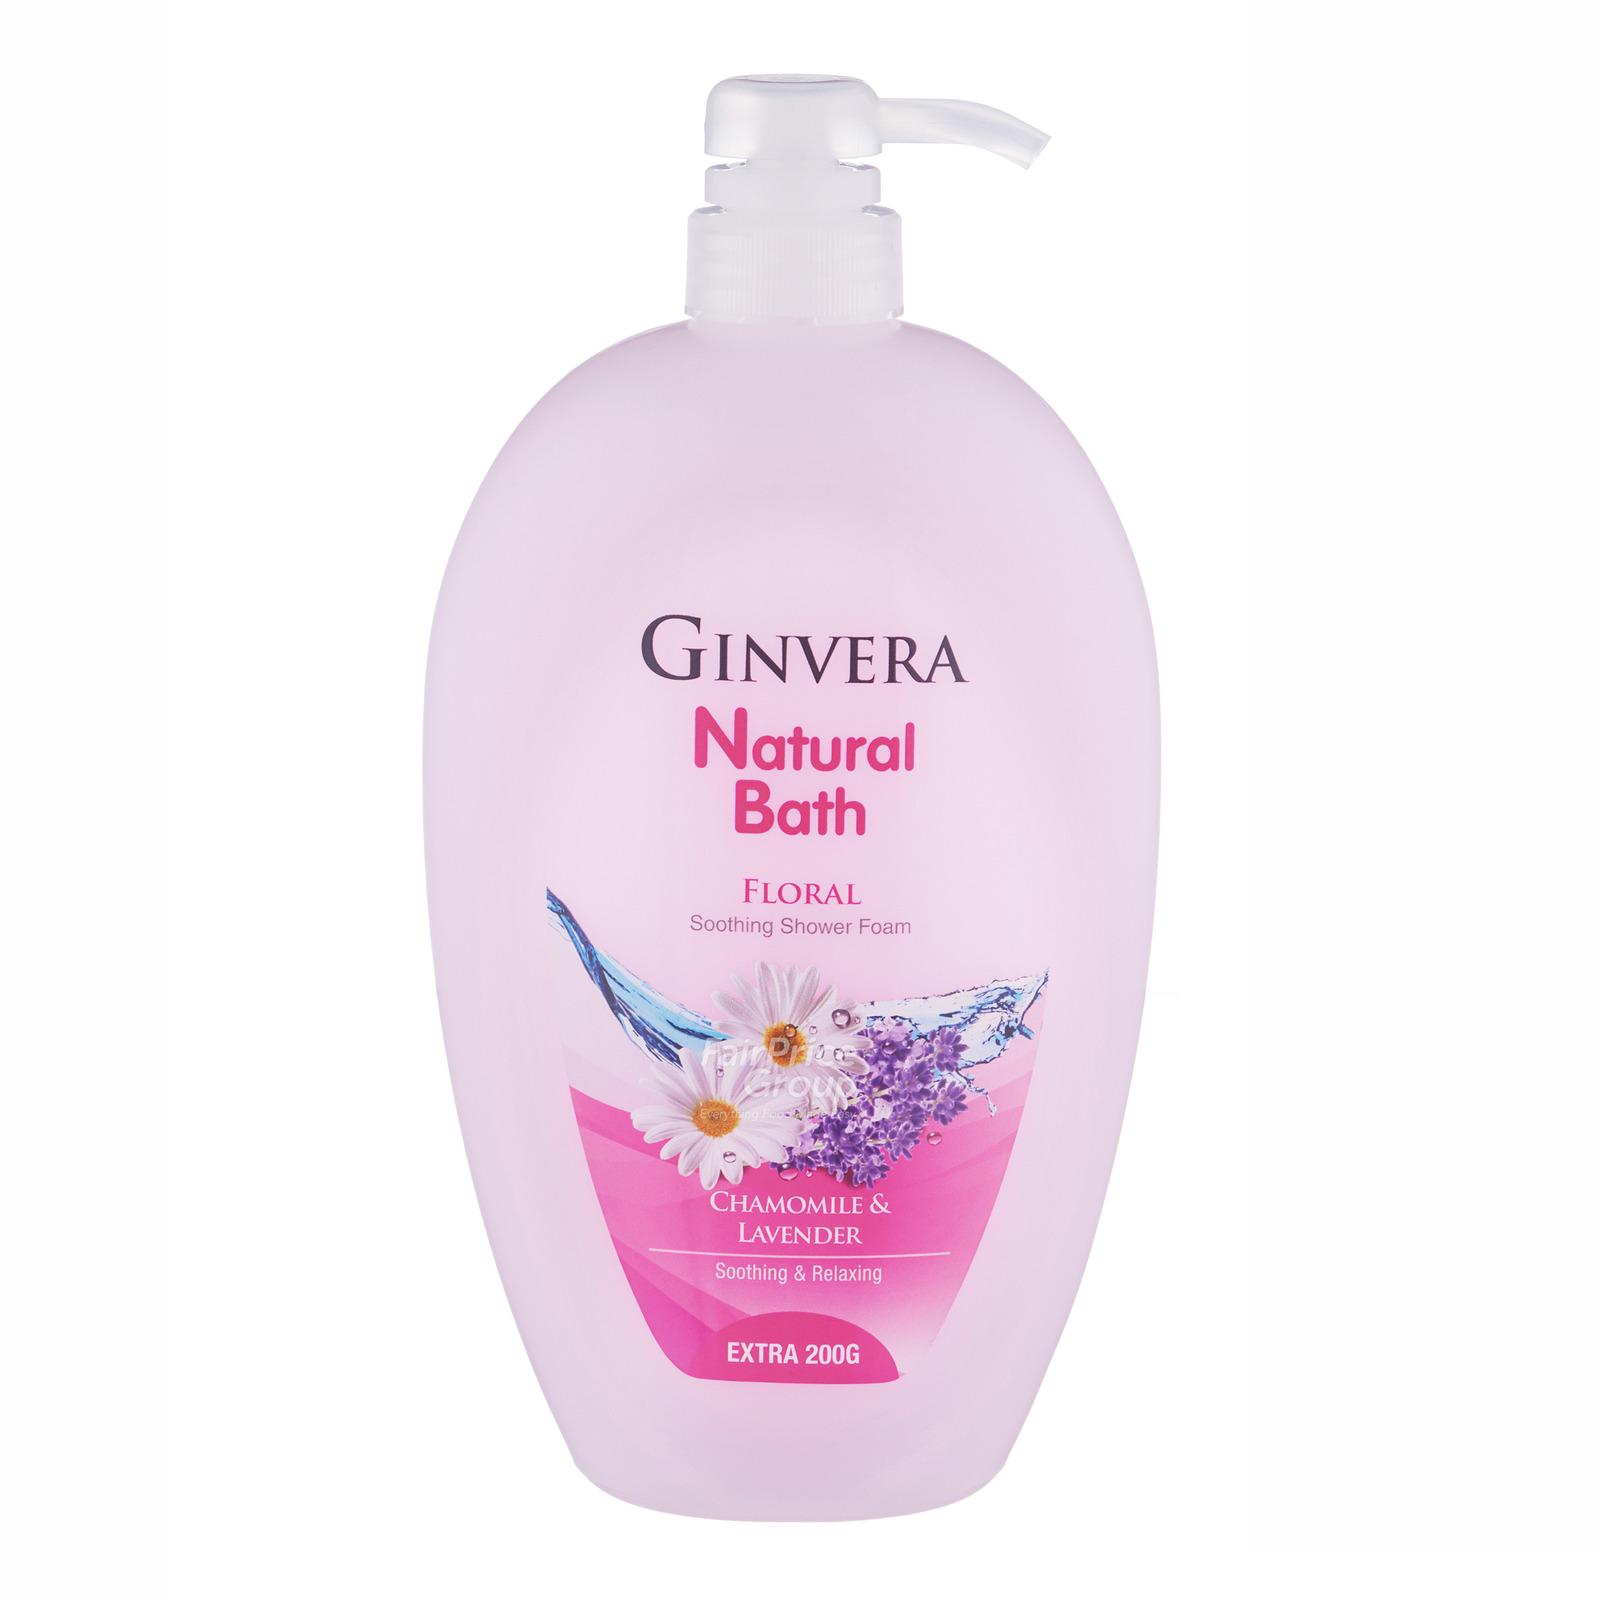 Ginvera Natural Bath Shower Foam - Floral